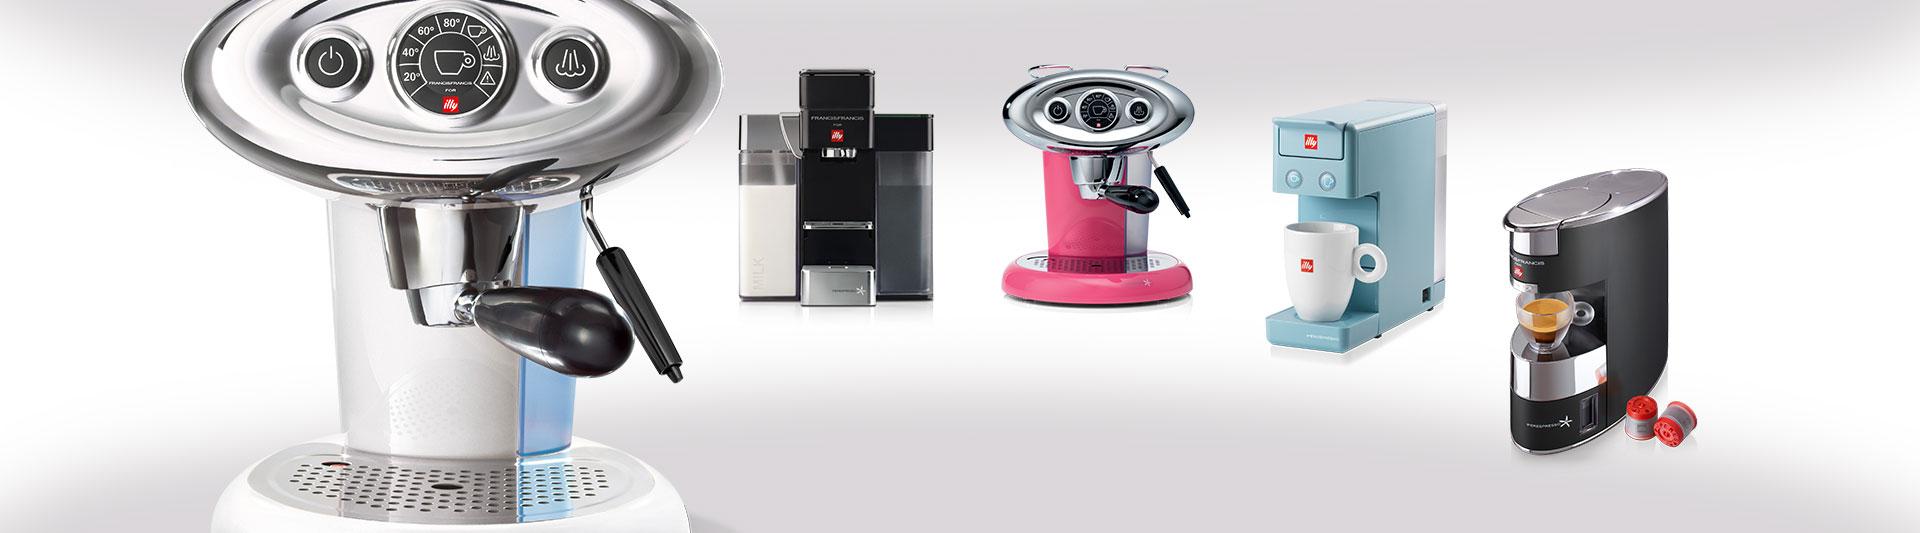 מכונות קפה illy